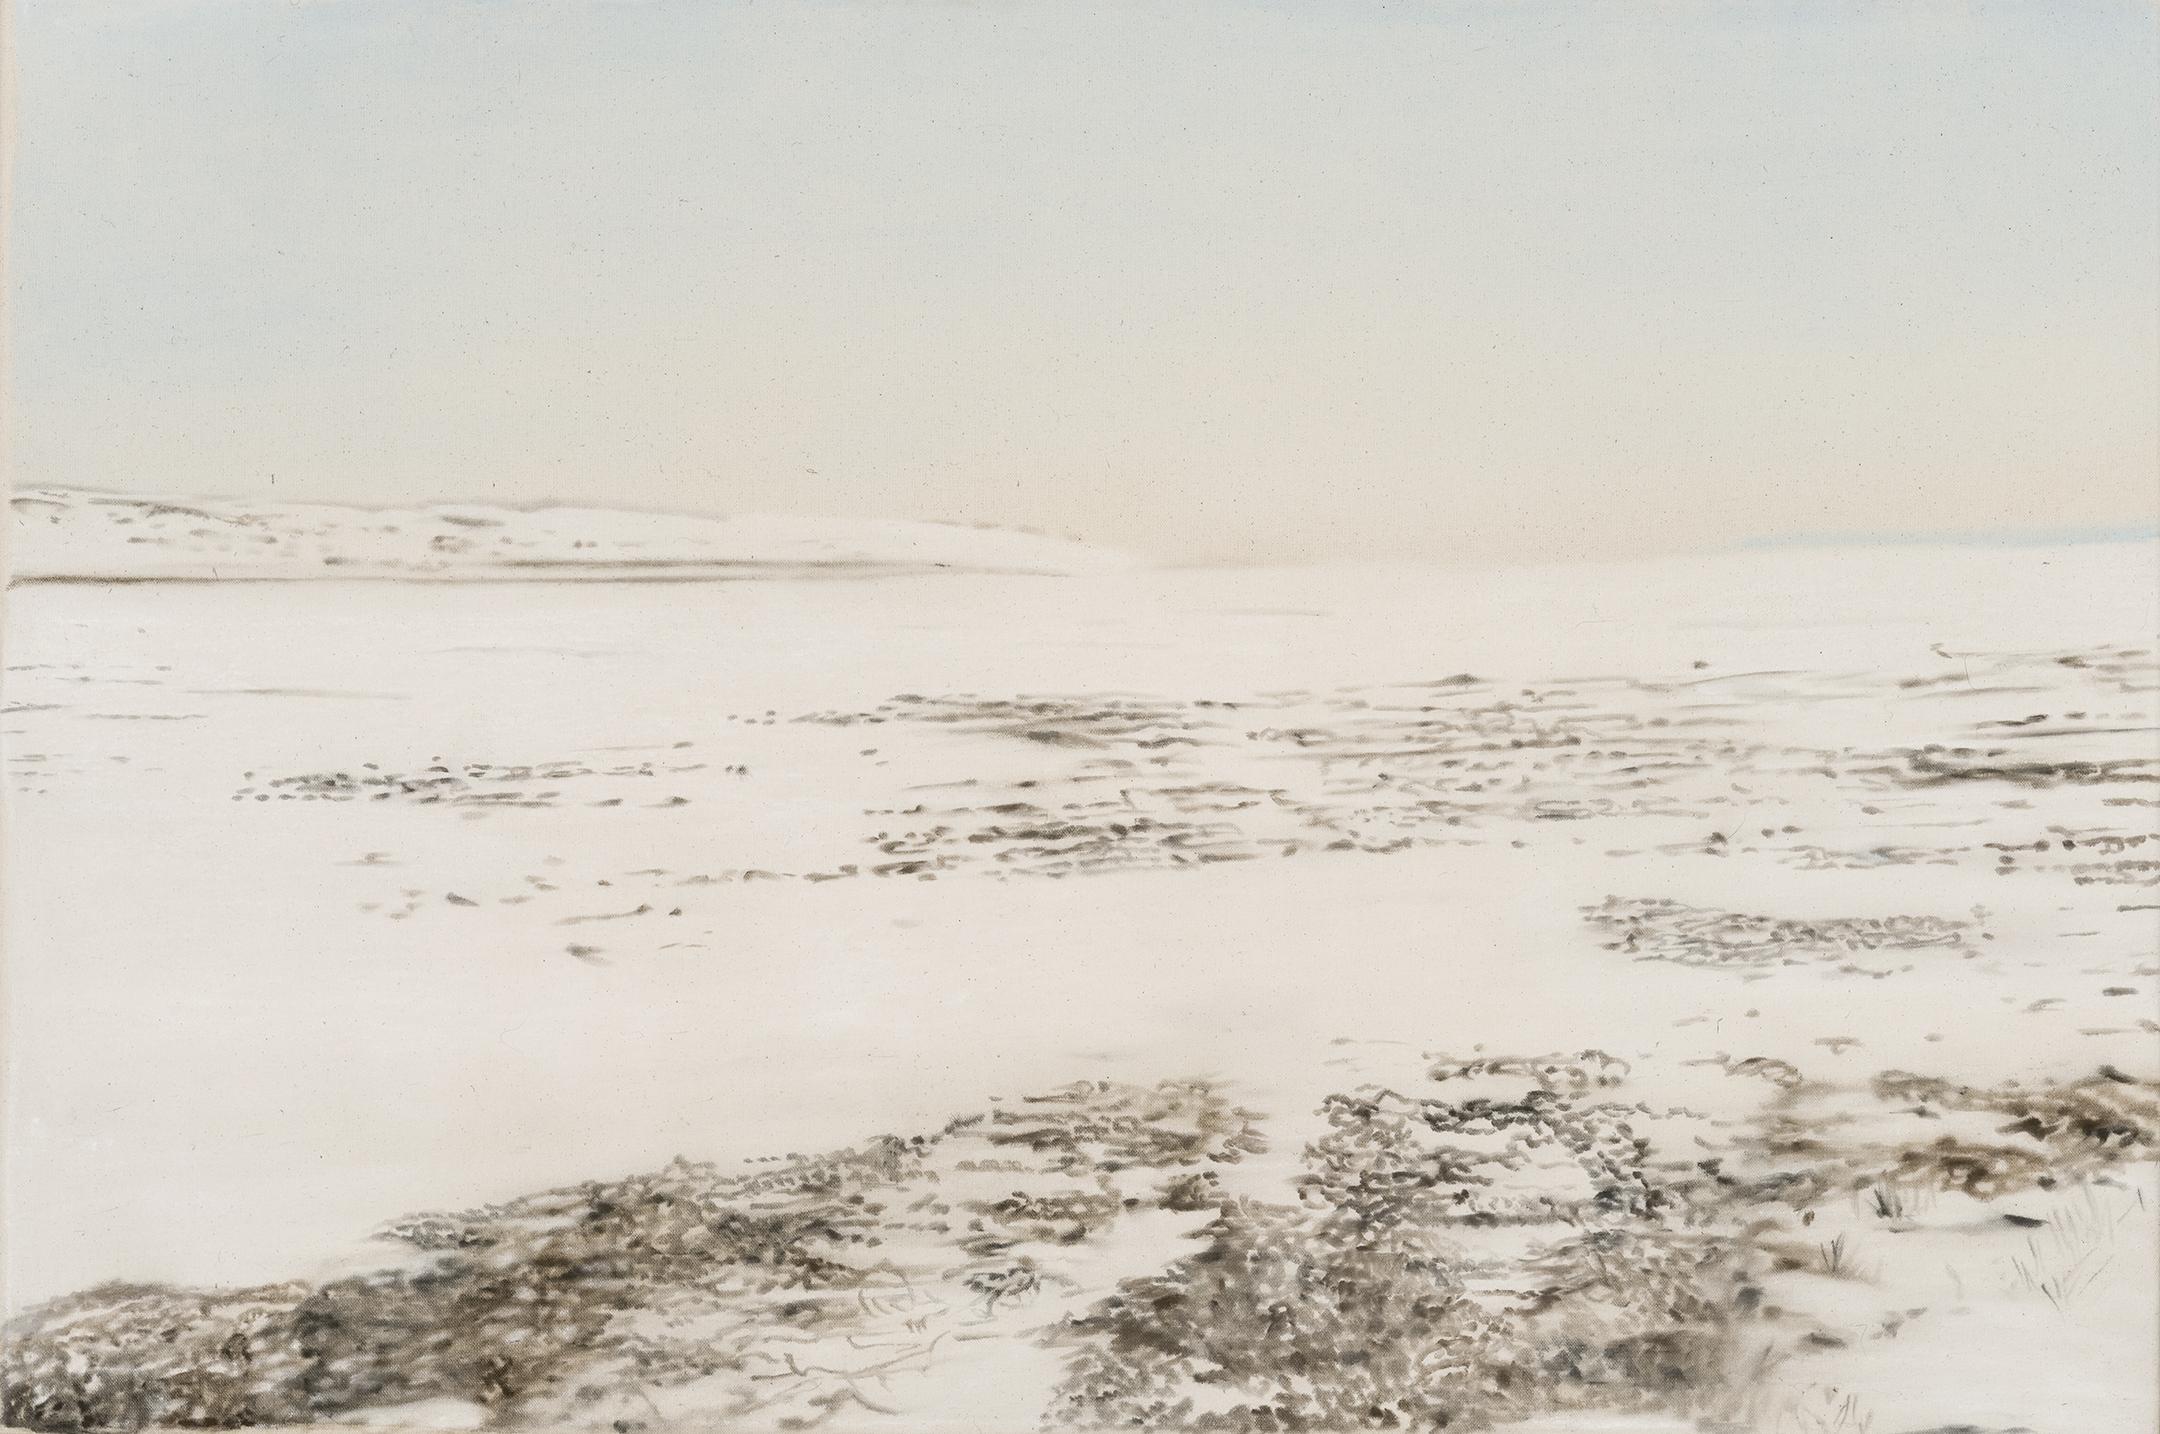 Paysage nordique 16 , 2016. Huile et fusain sur toile, 24 x 36 pouces